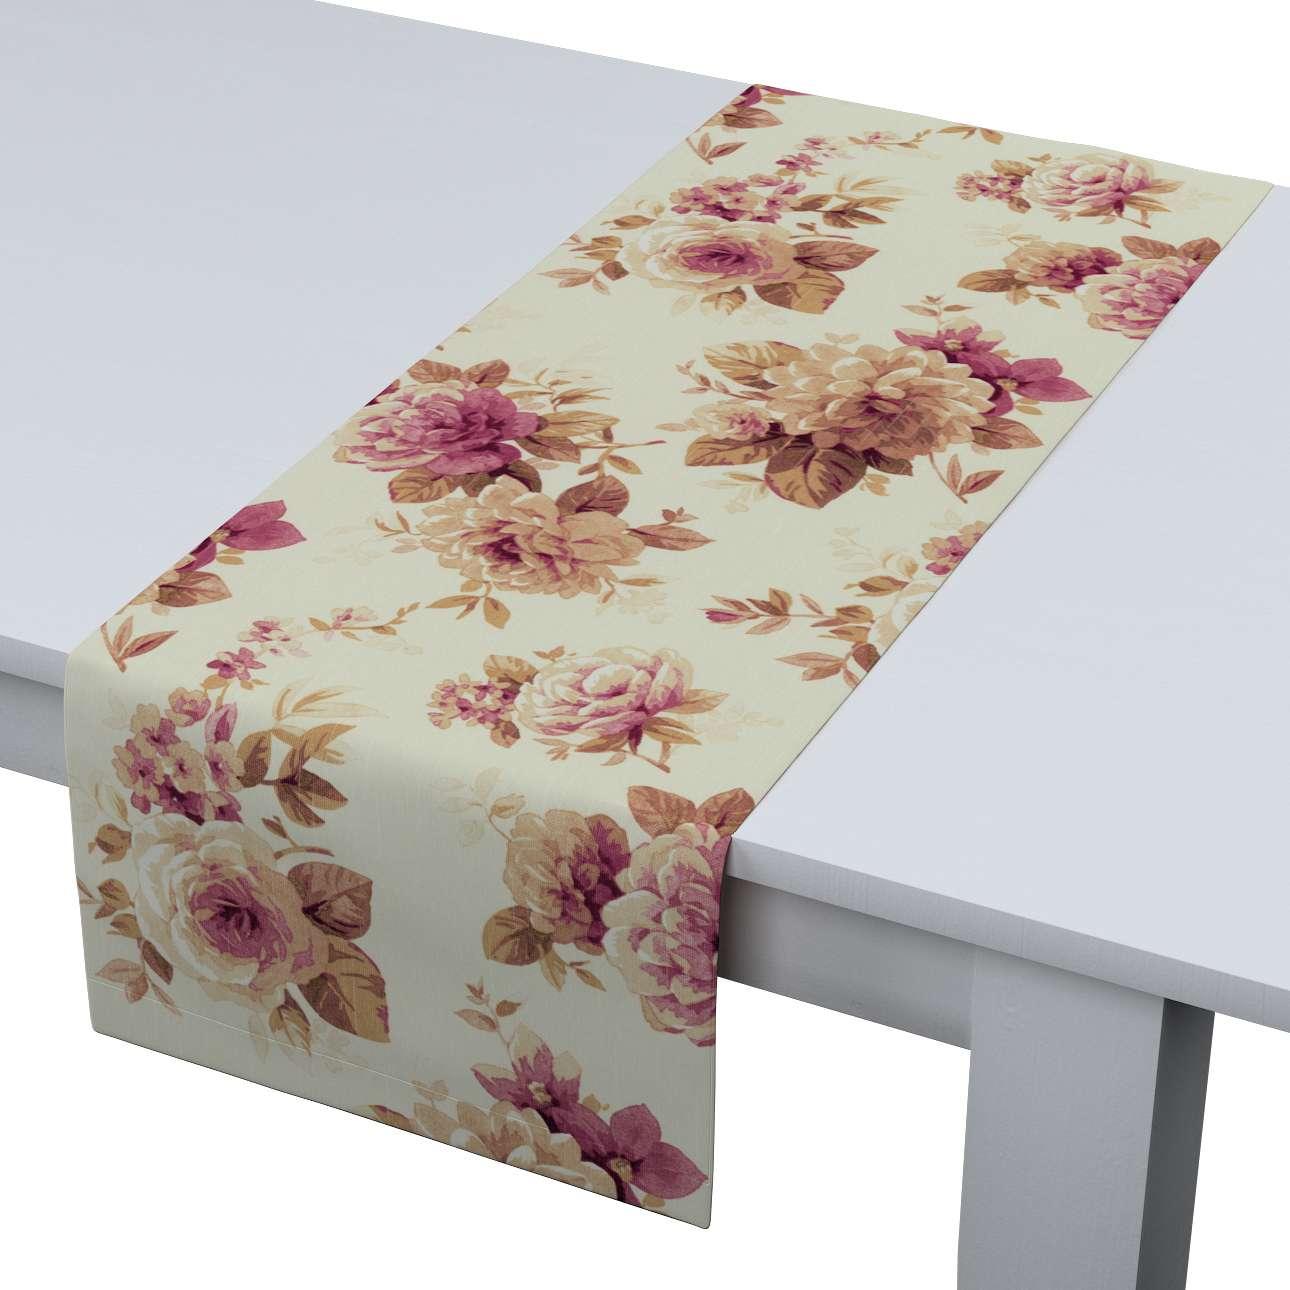 Rechteckiger Tischläufer 40 x 130 cm von der Kollektion Mirella, Stoff: 141-06